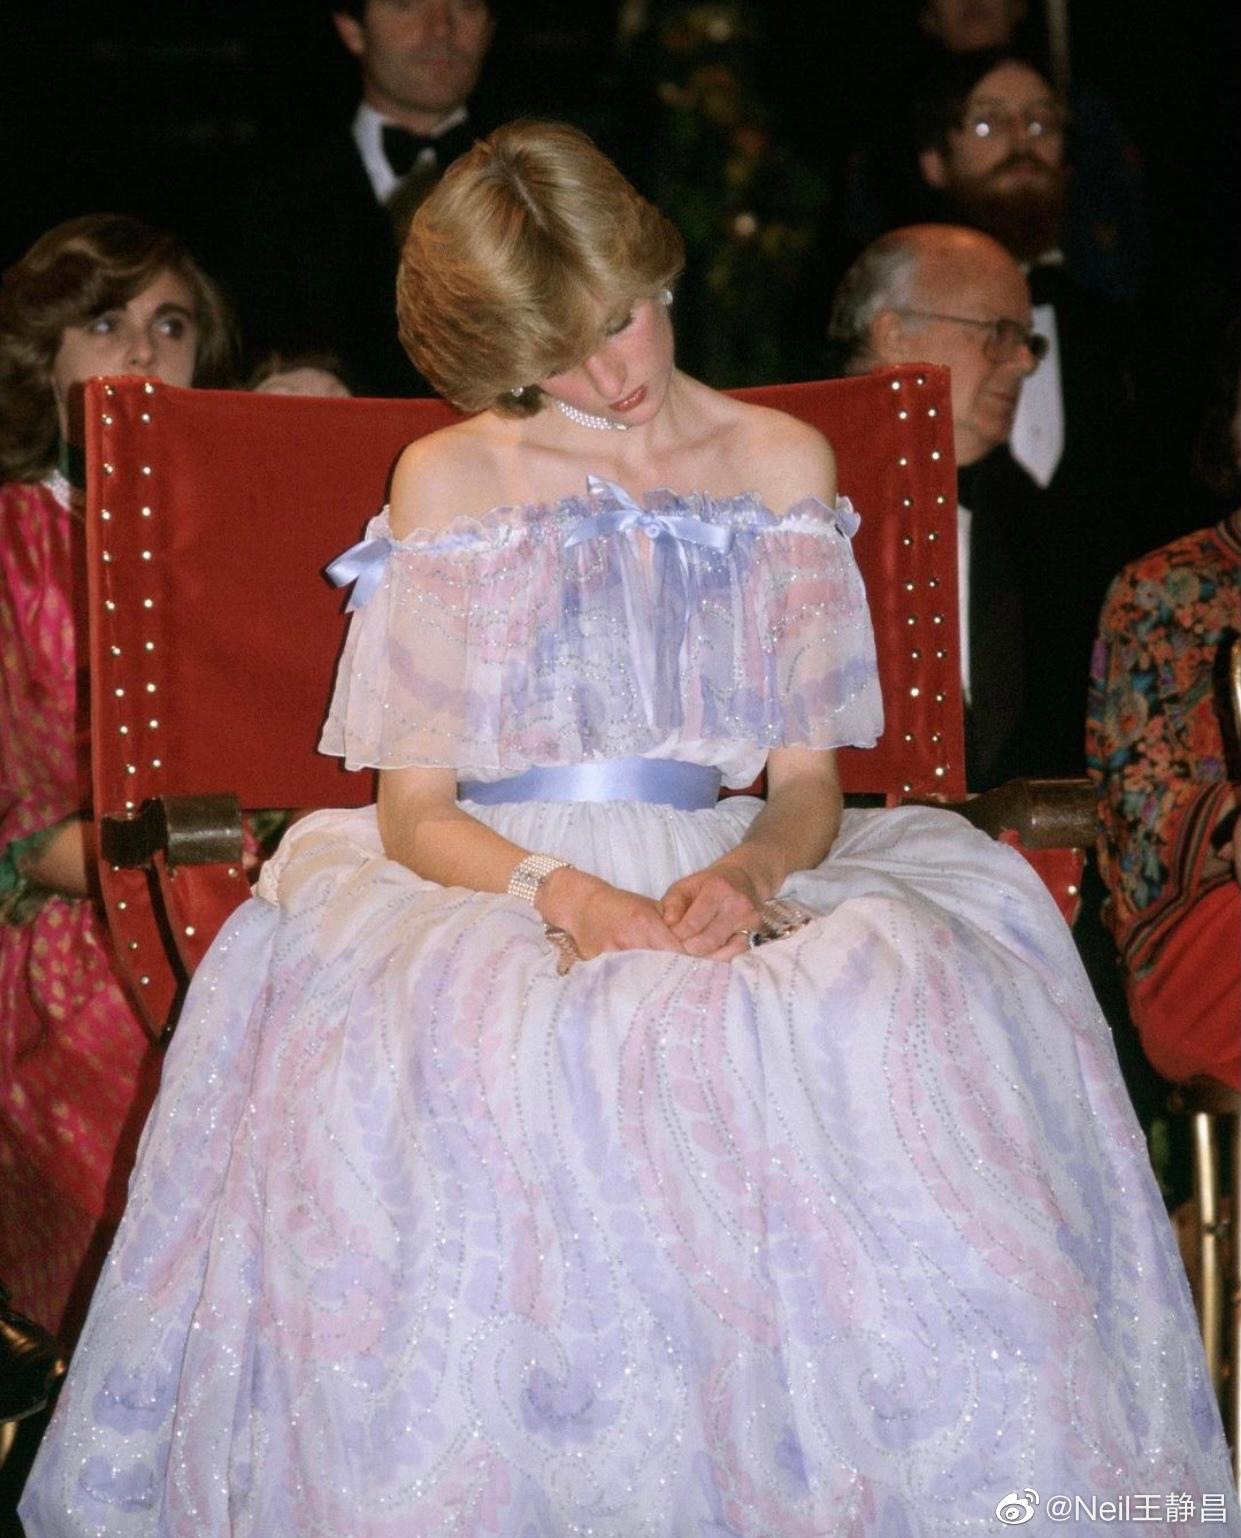 第一张图是戴安娜王妃1981年在参加V&A博物馆晚宴时睡着了被拍下的经